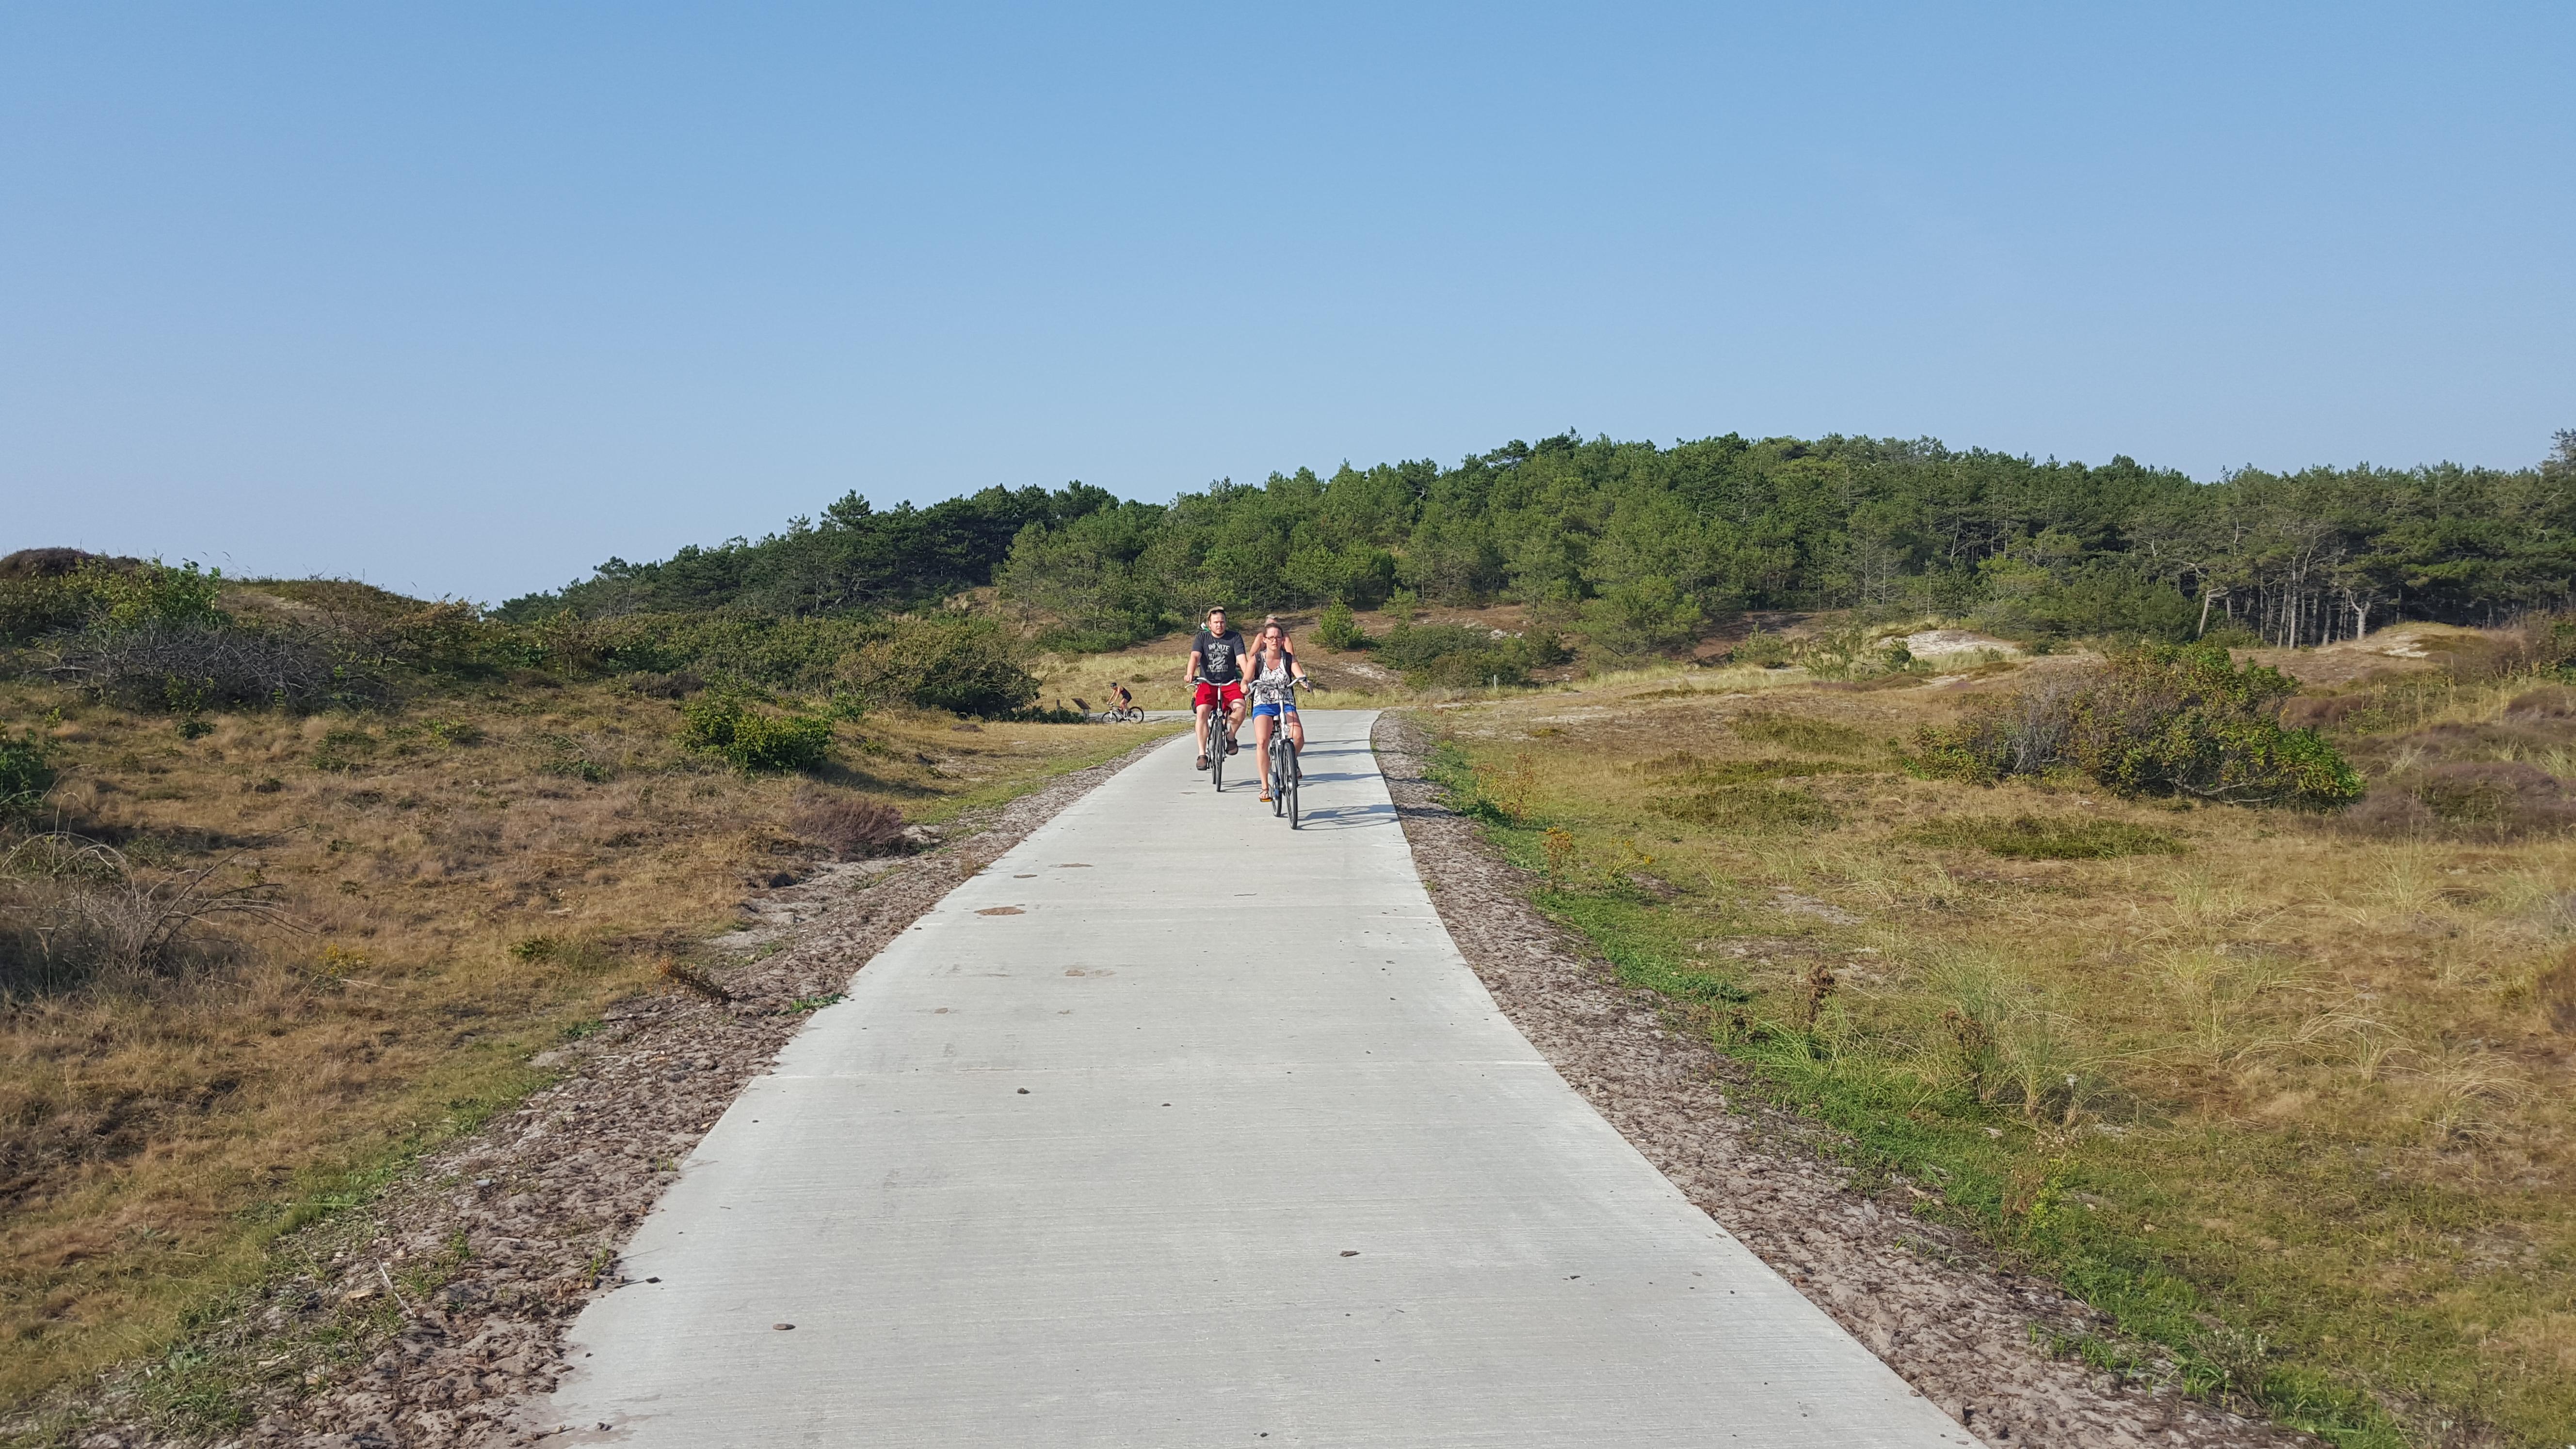 Eindresultaat herstel fietspaden. (Op foto hersteld fietspad in 2014)